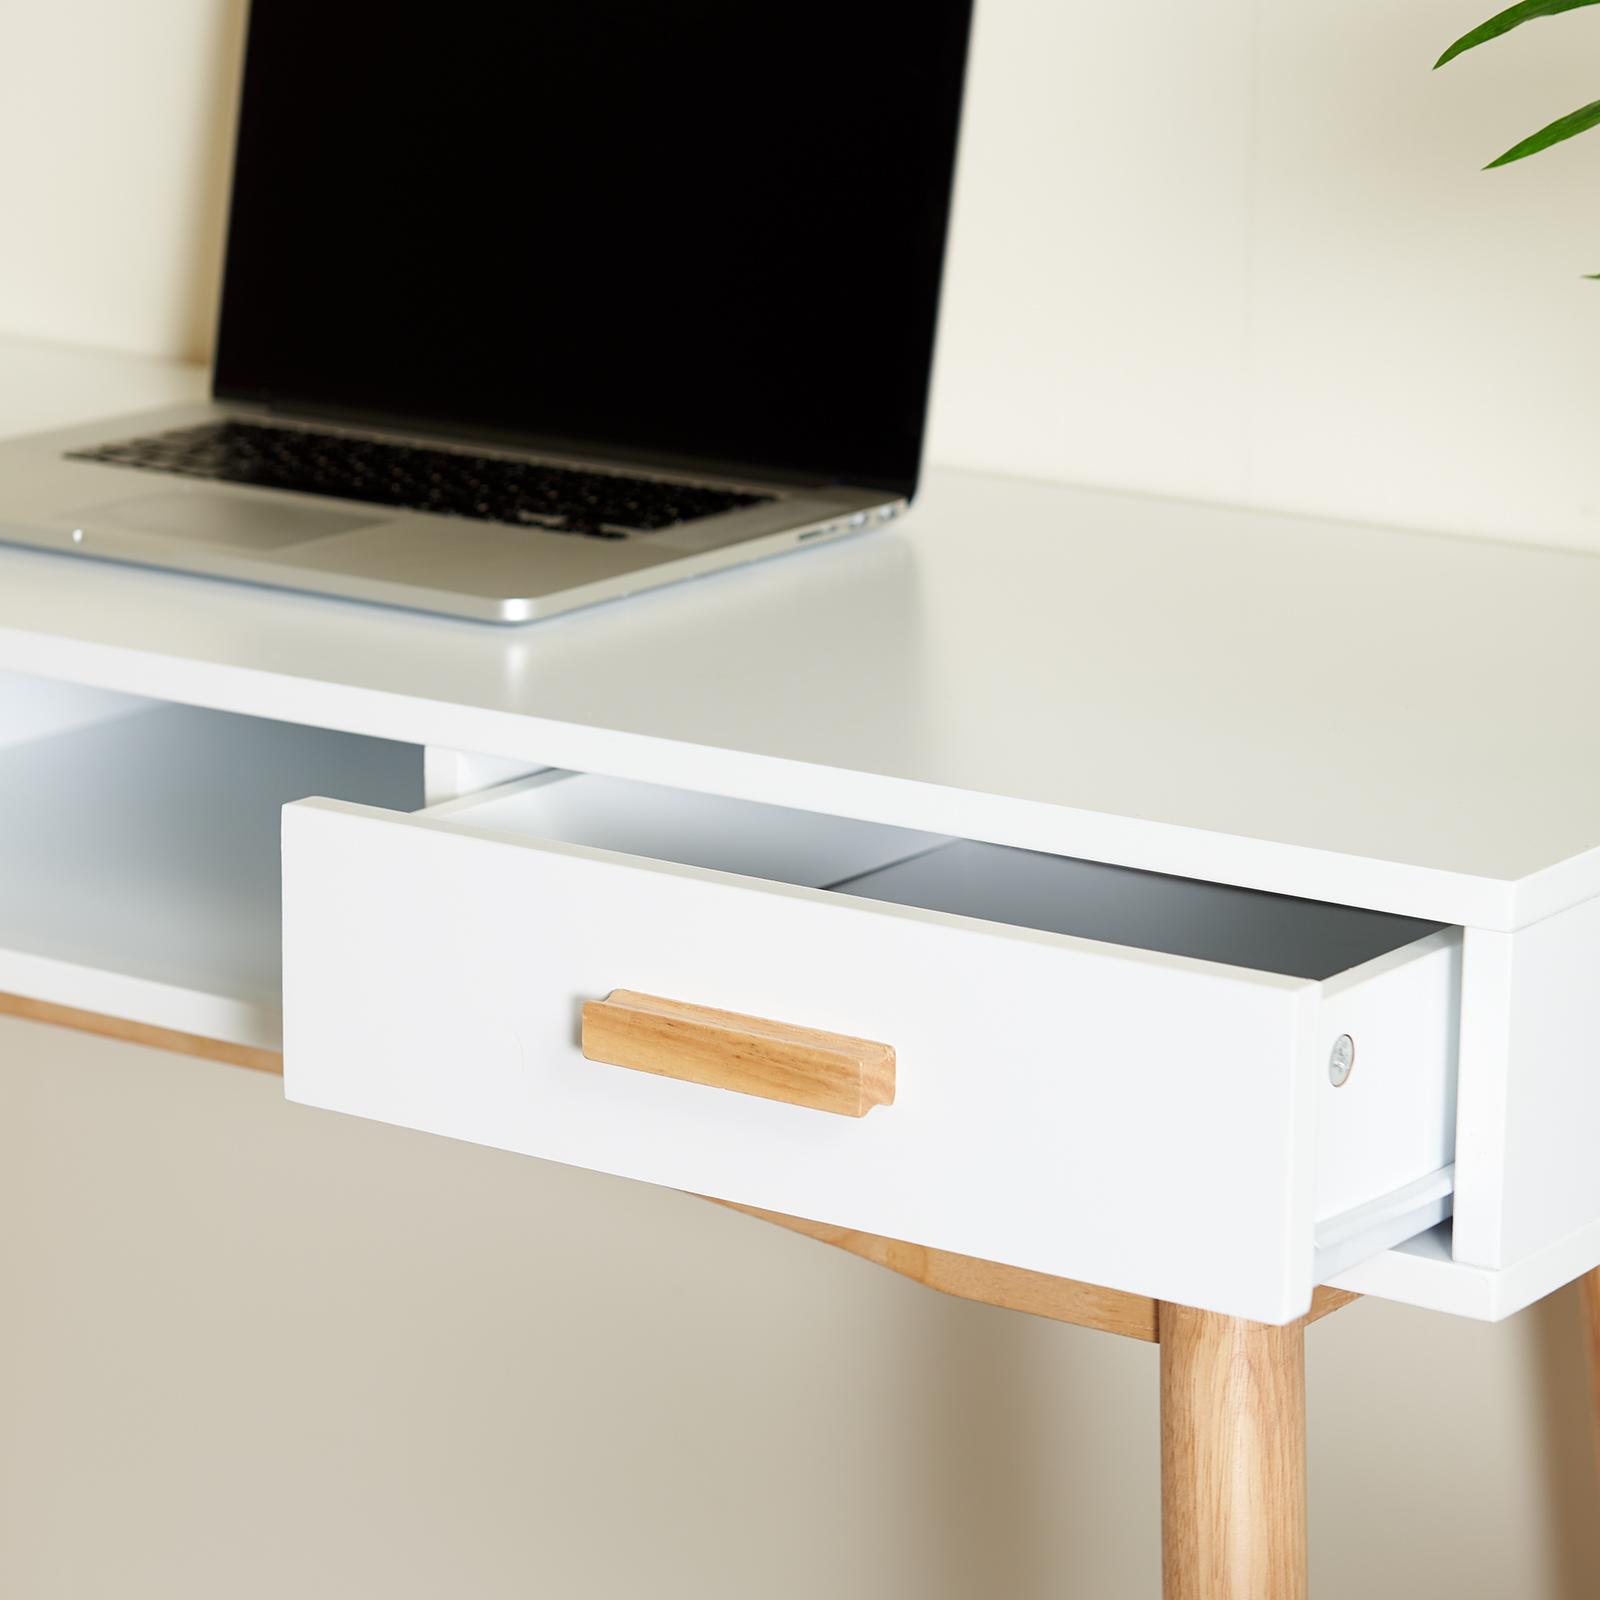 Sentinel hartleys bureau coiffeuse table rétro scandinave blanc bureau chambre maison